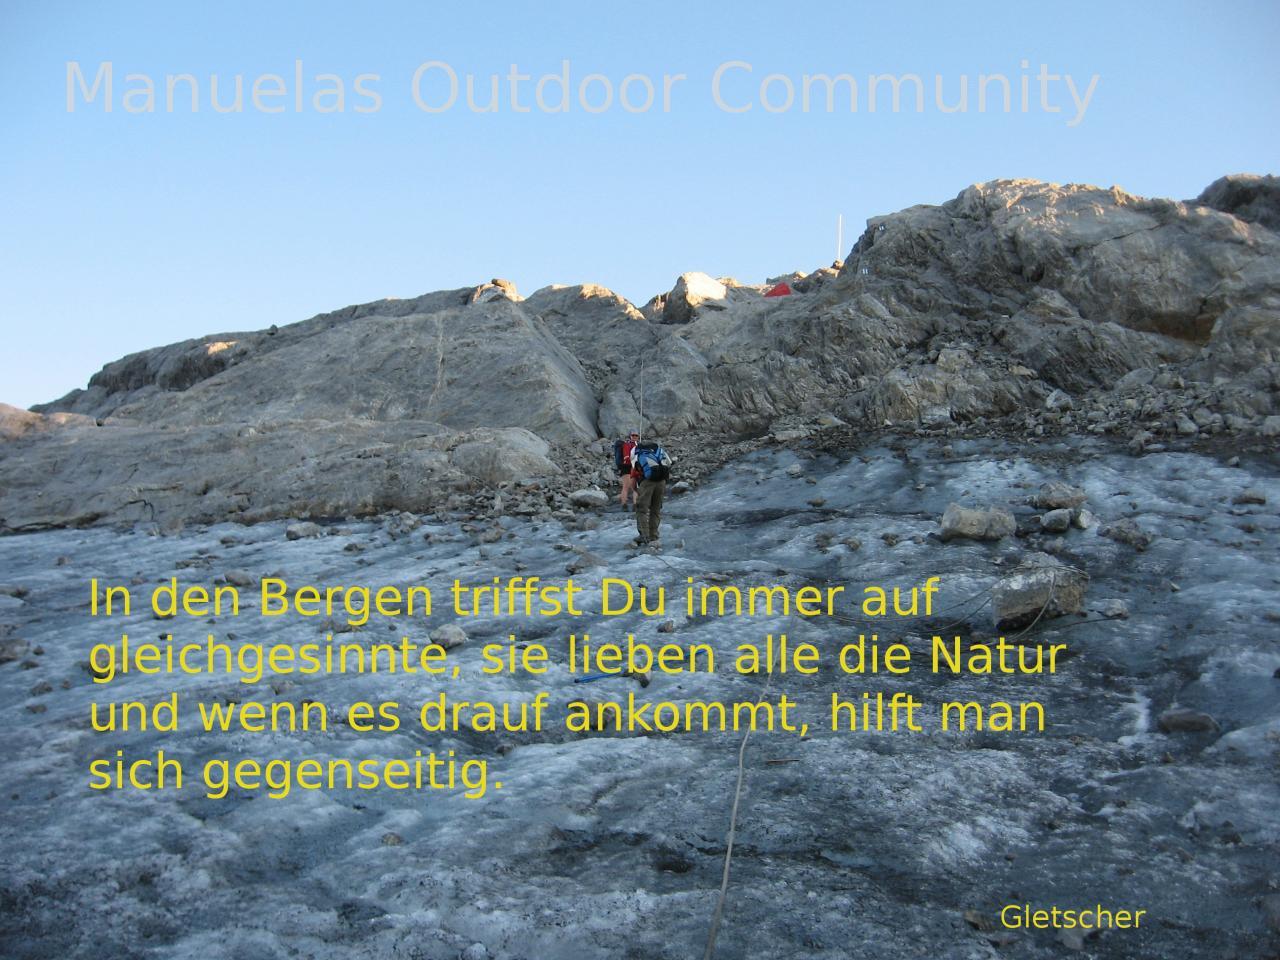 Spruch Berge Die Schönsten Sprüche 2019 12 04